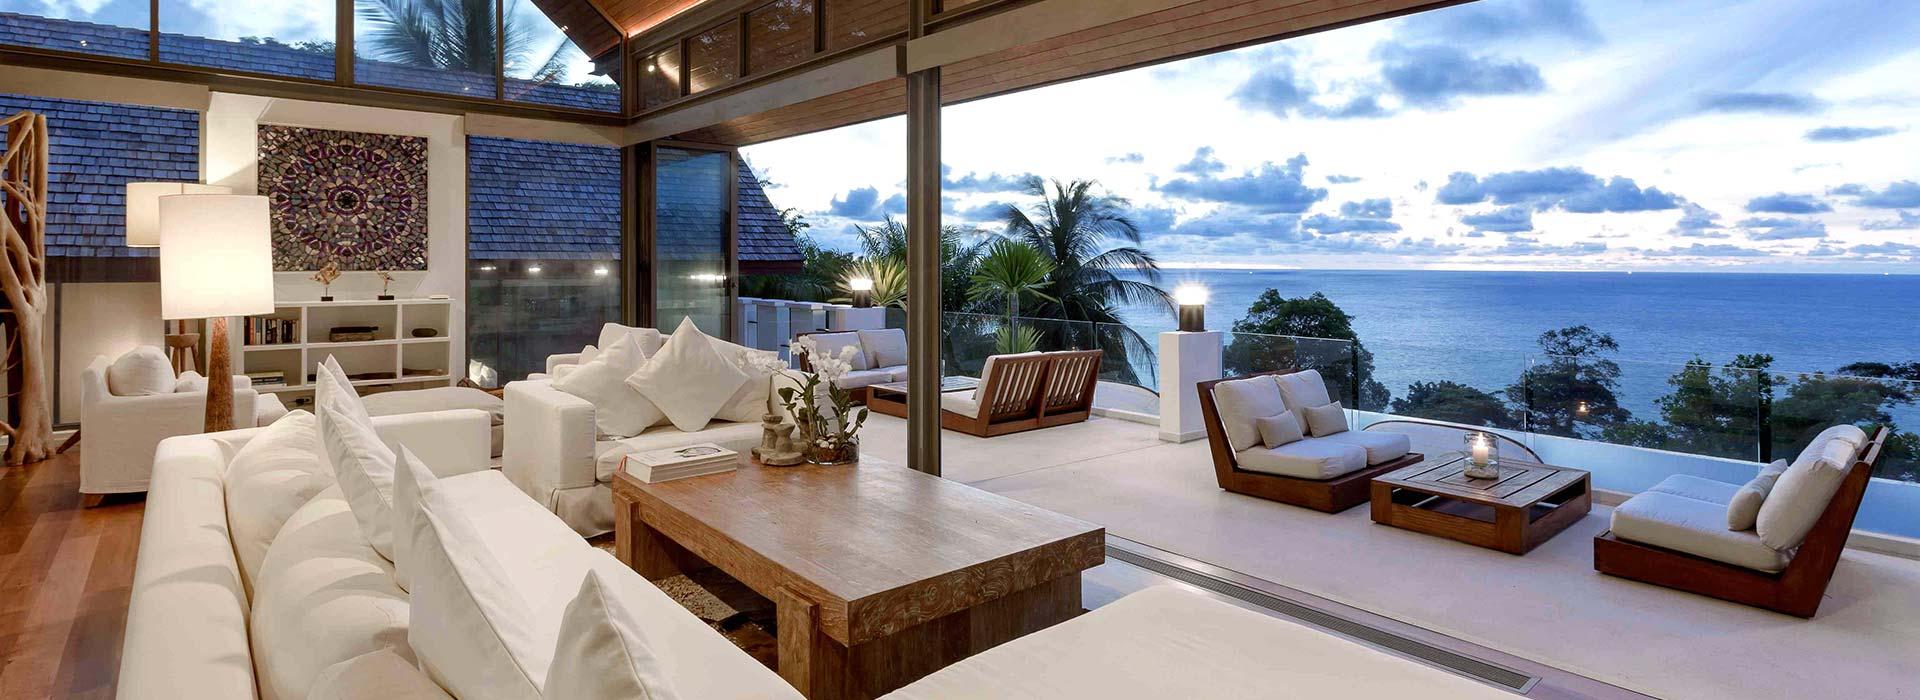 Chan Grajang 6 Bed Villa<br>Surin, Phuket